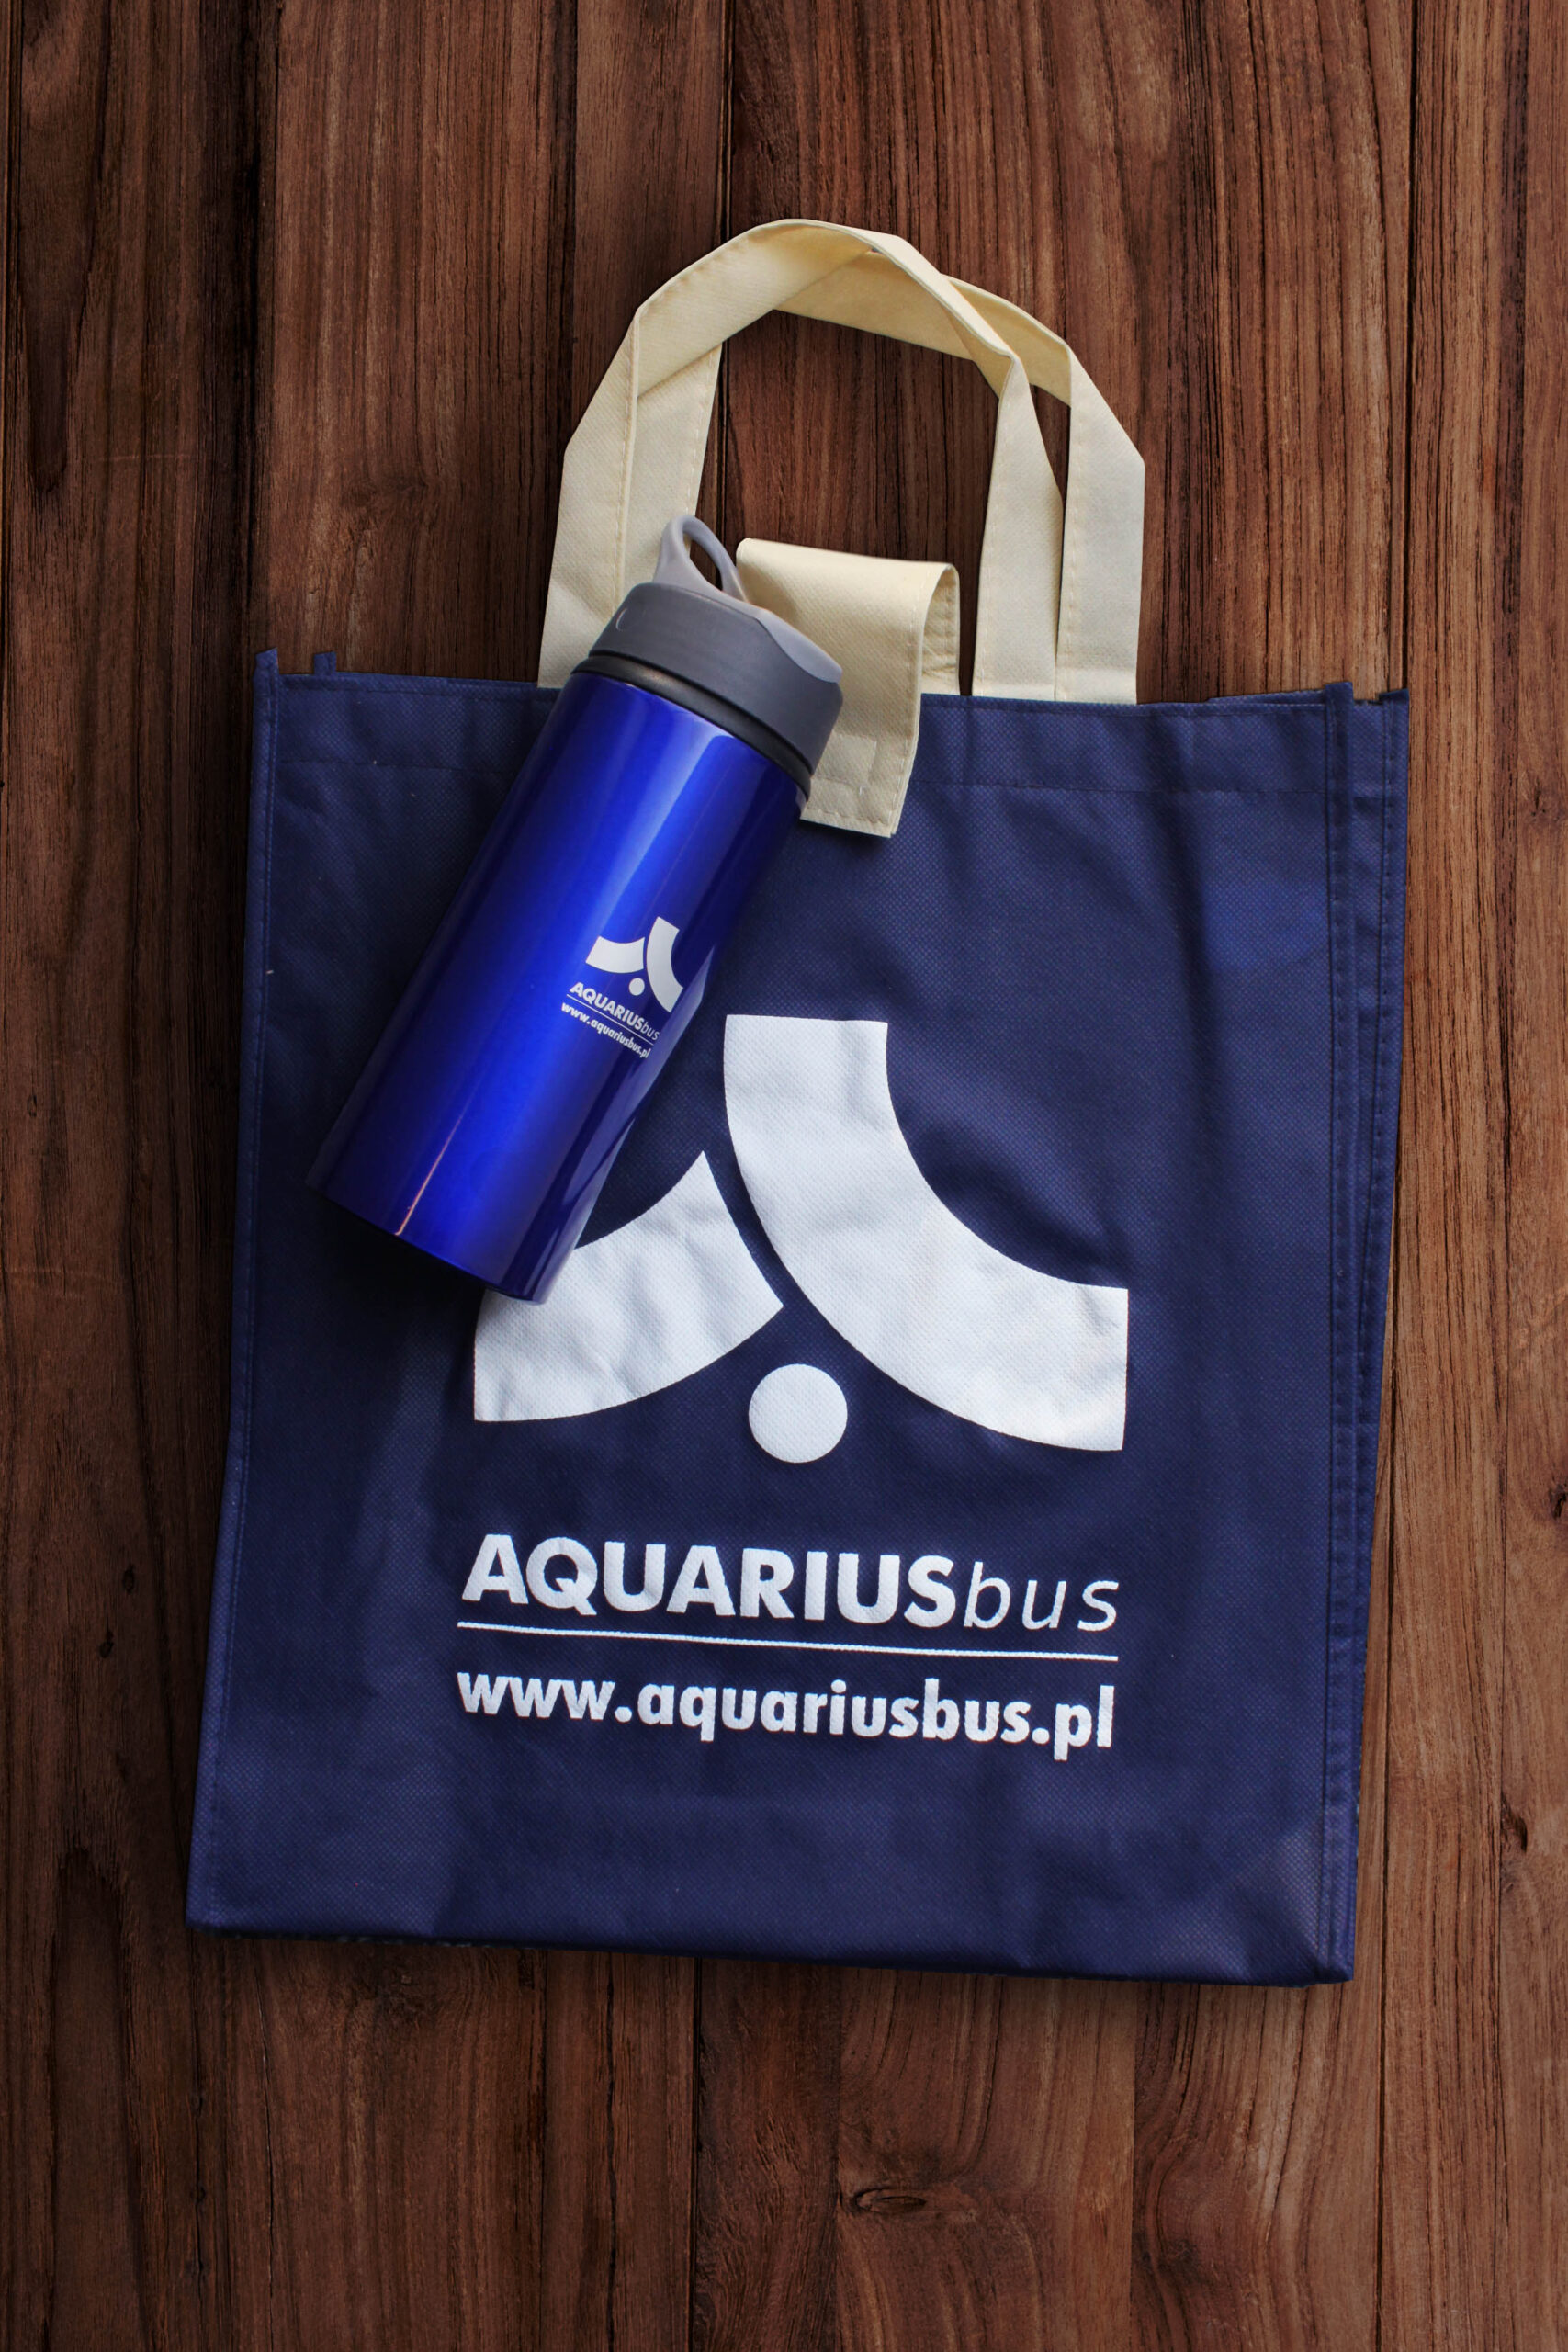 Realizacja Aquarius Bus torby materiałowe bidony